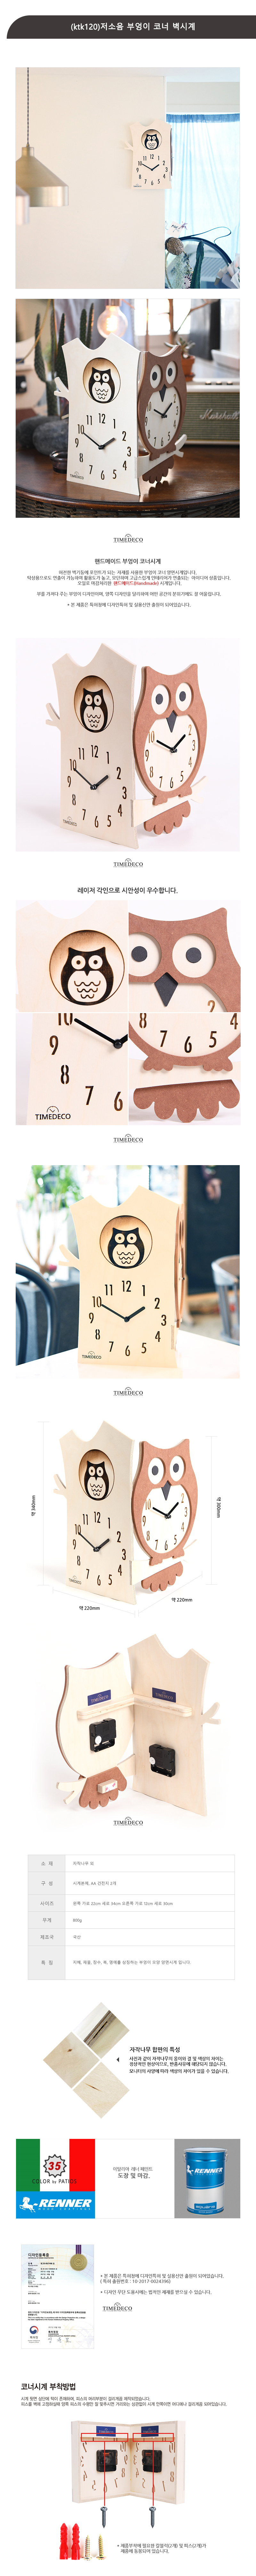 (ktk120)저소음 부엉이 코너 벽시계 - 키다리, 148,000원, 양면시계, 우드